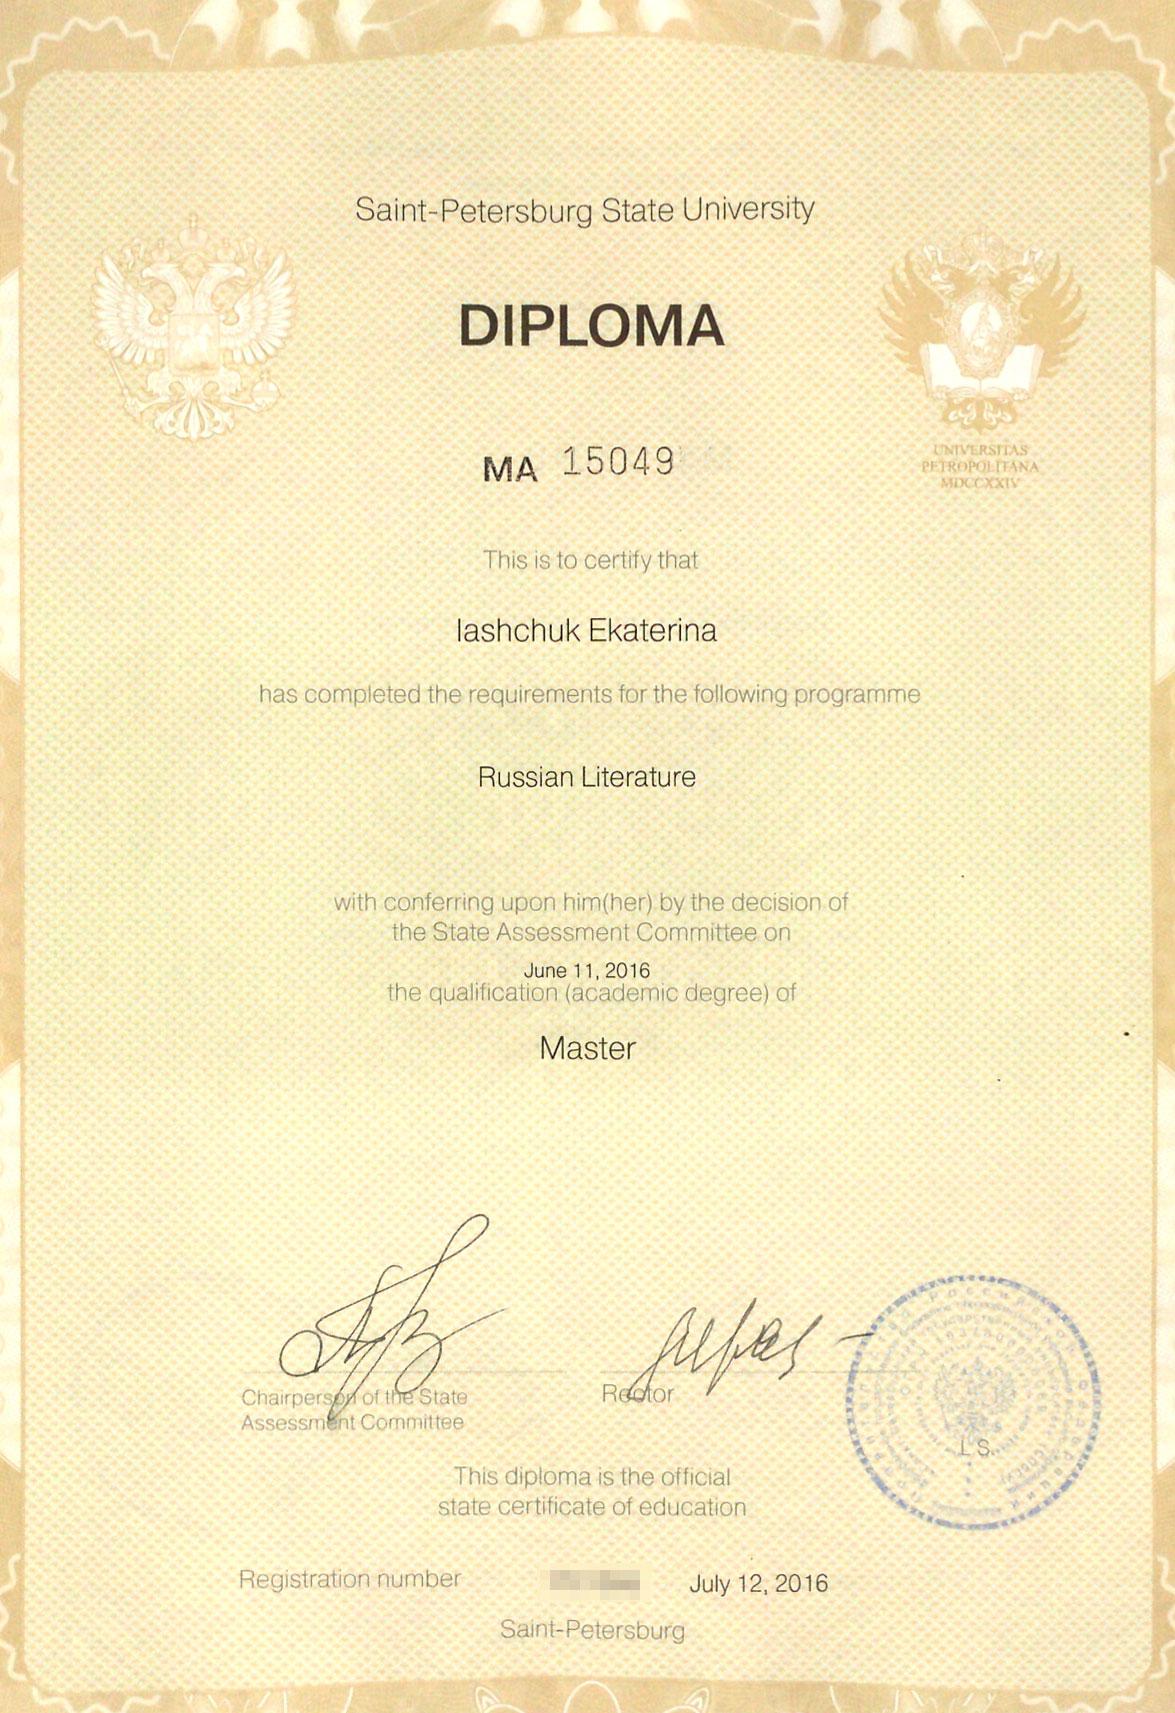 Мой диплом на английском. Я филолог — окончила магистратуру в СПбГУ по направлению «История русской литературы»